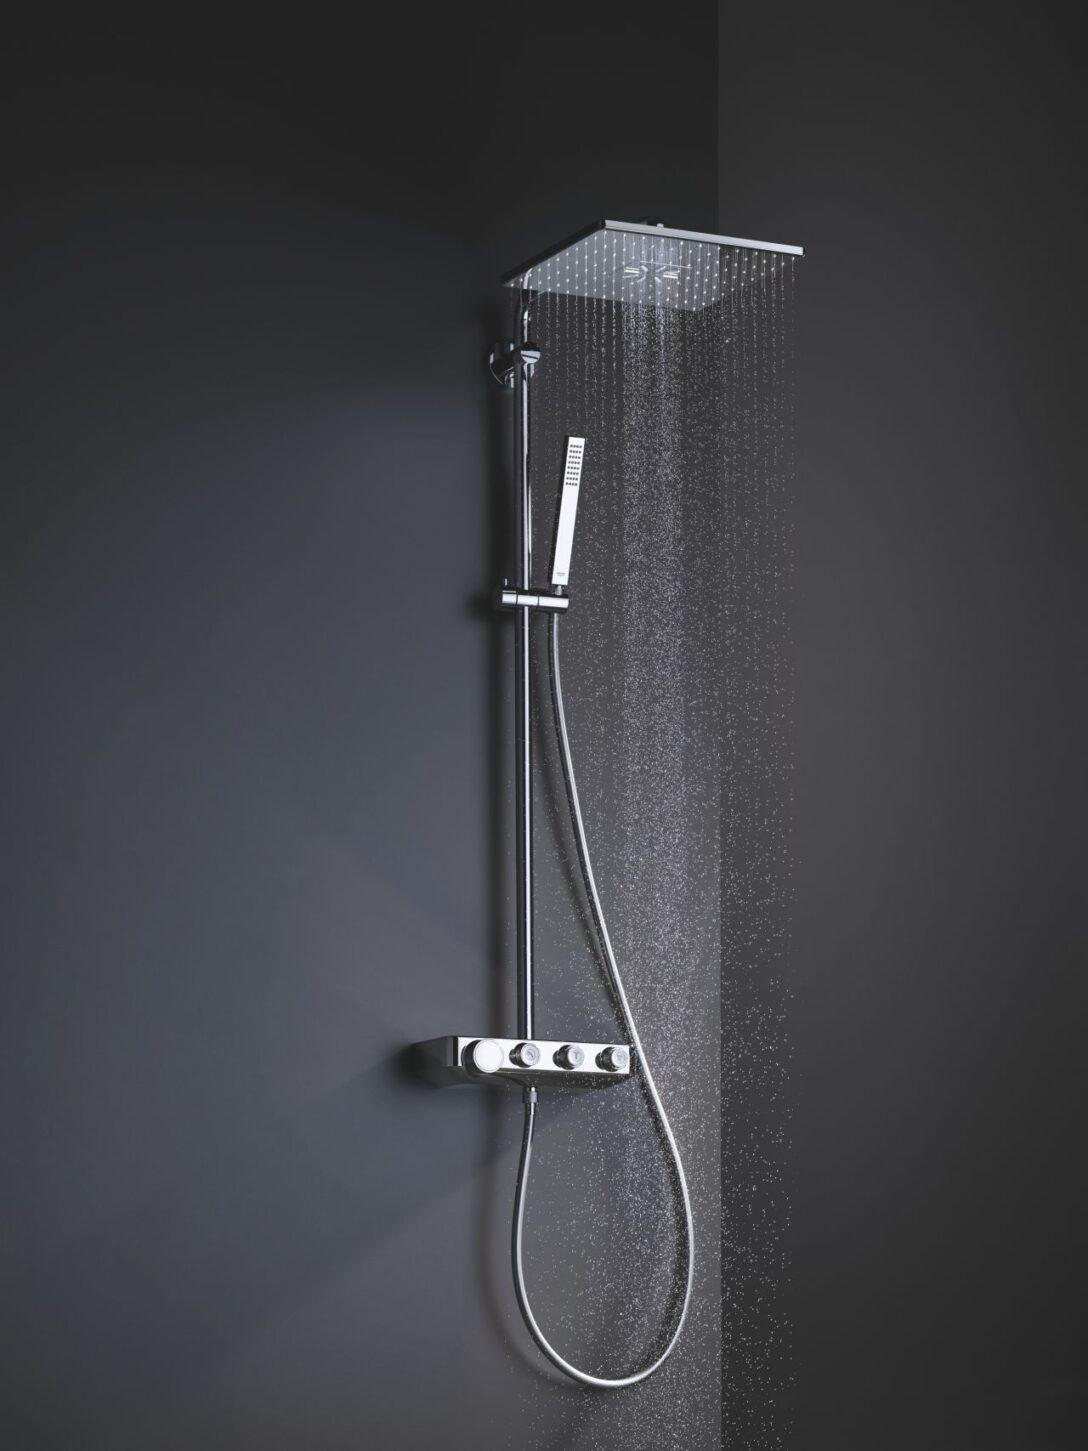 Large Size of Grohe Thermostat Dusche Duschsystem Fr Jede Duschgenuss Den Richtigen Mix Bodengleiche Nachträglich Einbauen Ebenerdig Sprinz Duschen Breuer Glastür Dusche Grohe Thermostat Dusche